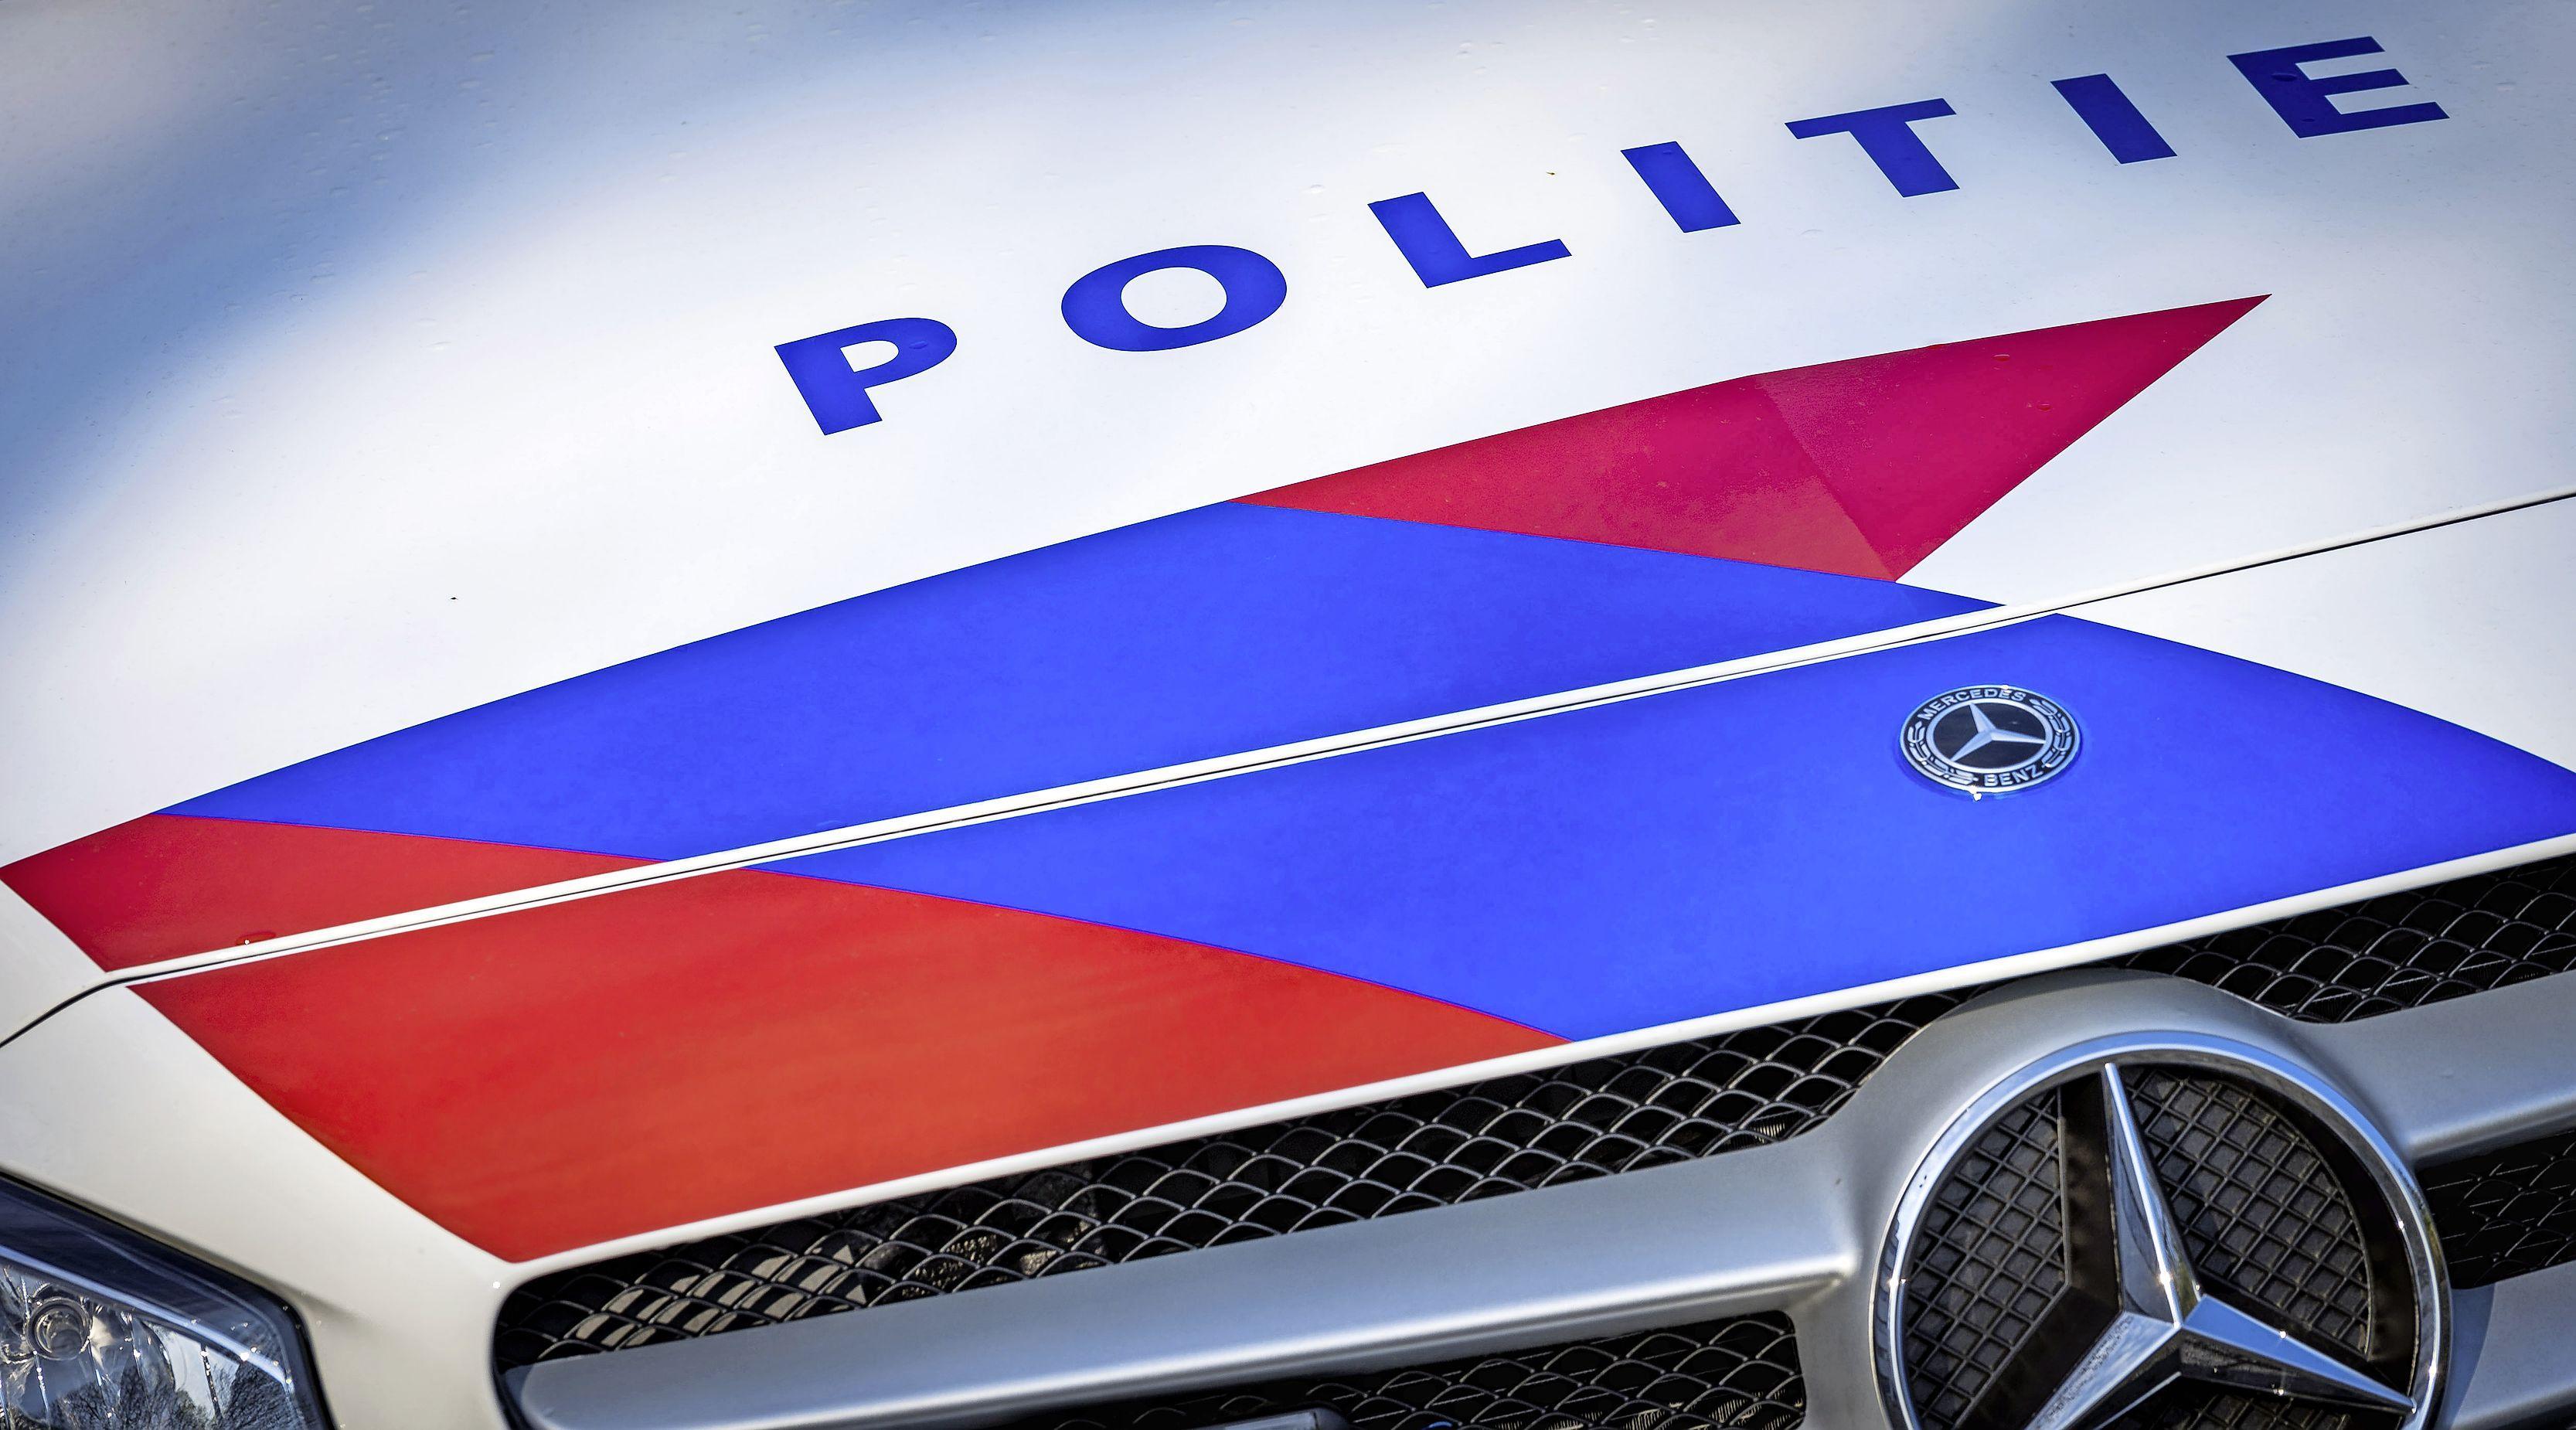 Politie gebruikt pepperspray bij aanhouding in Callantsoog. Verdachte negeerde stopteken en was onder invloed